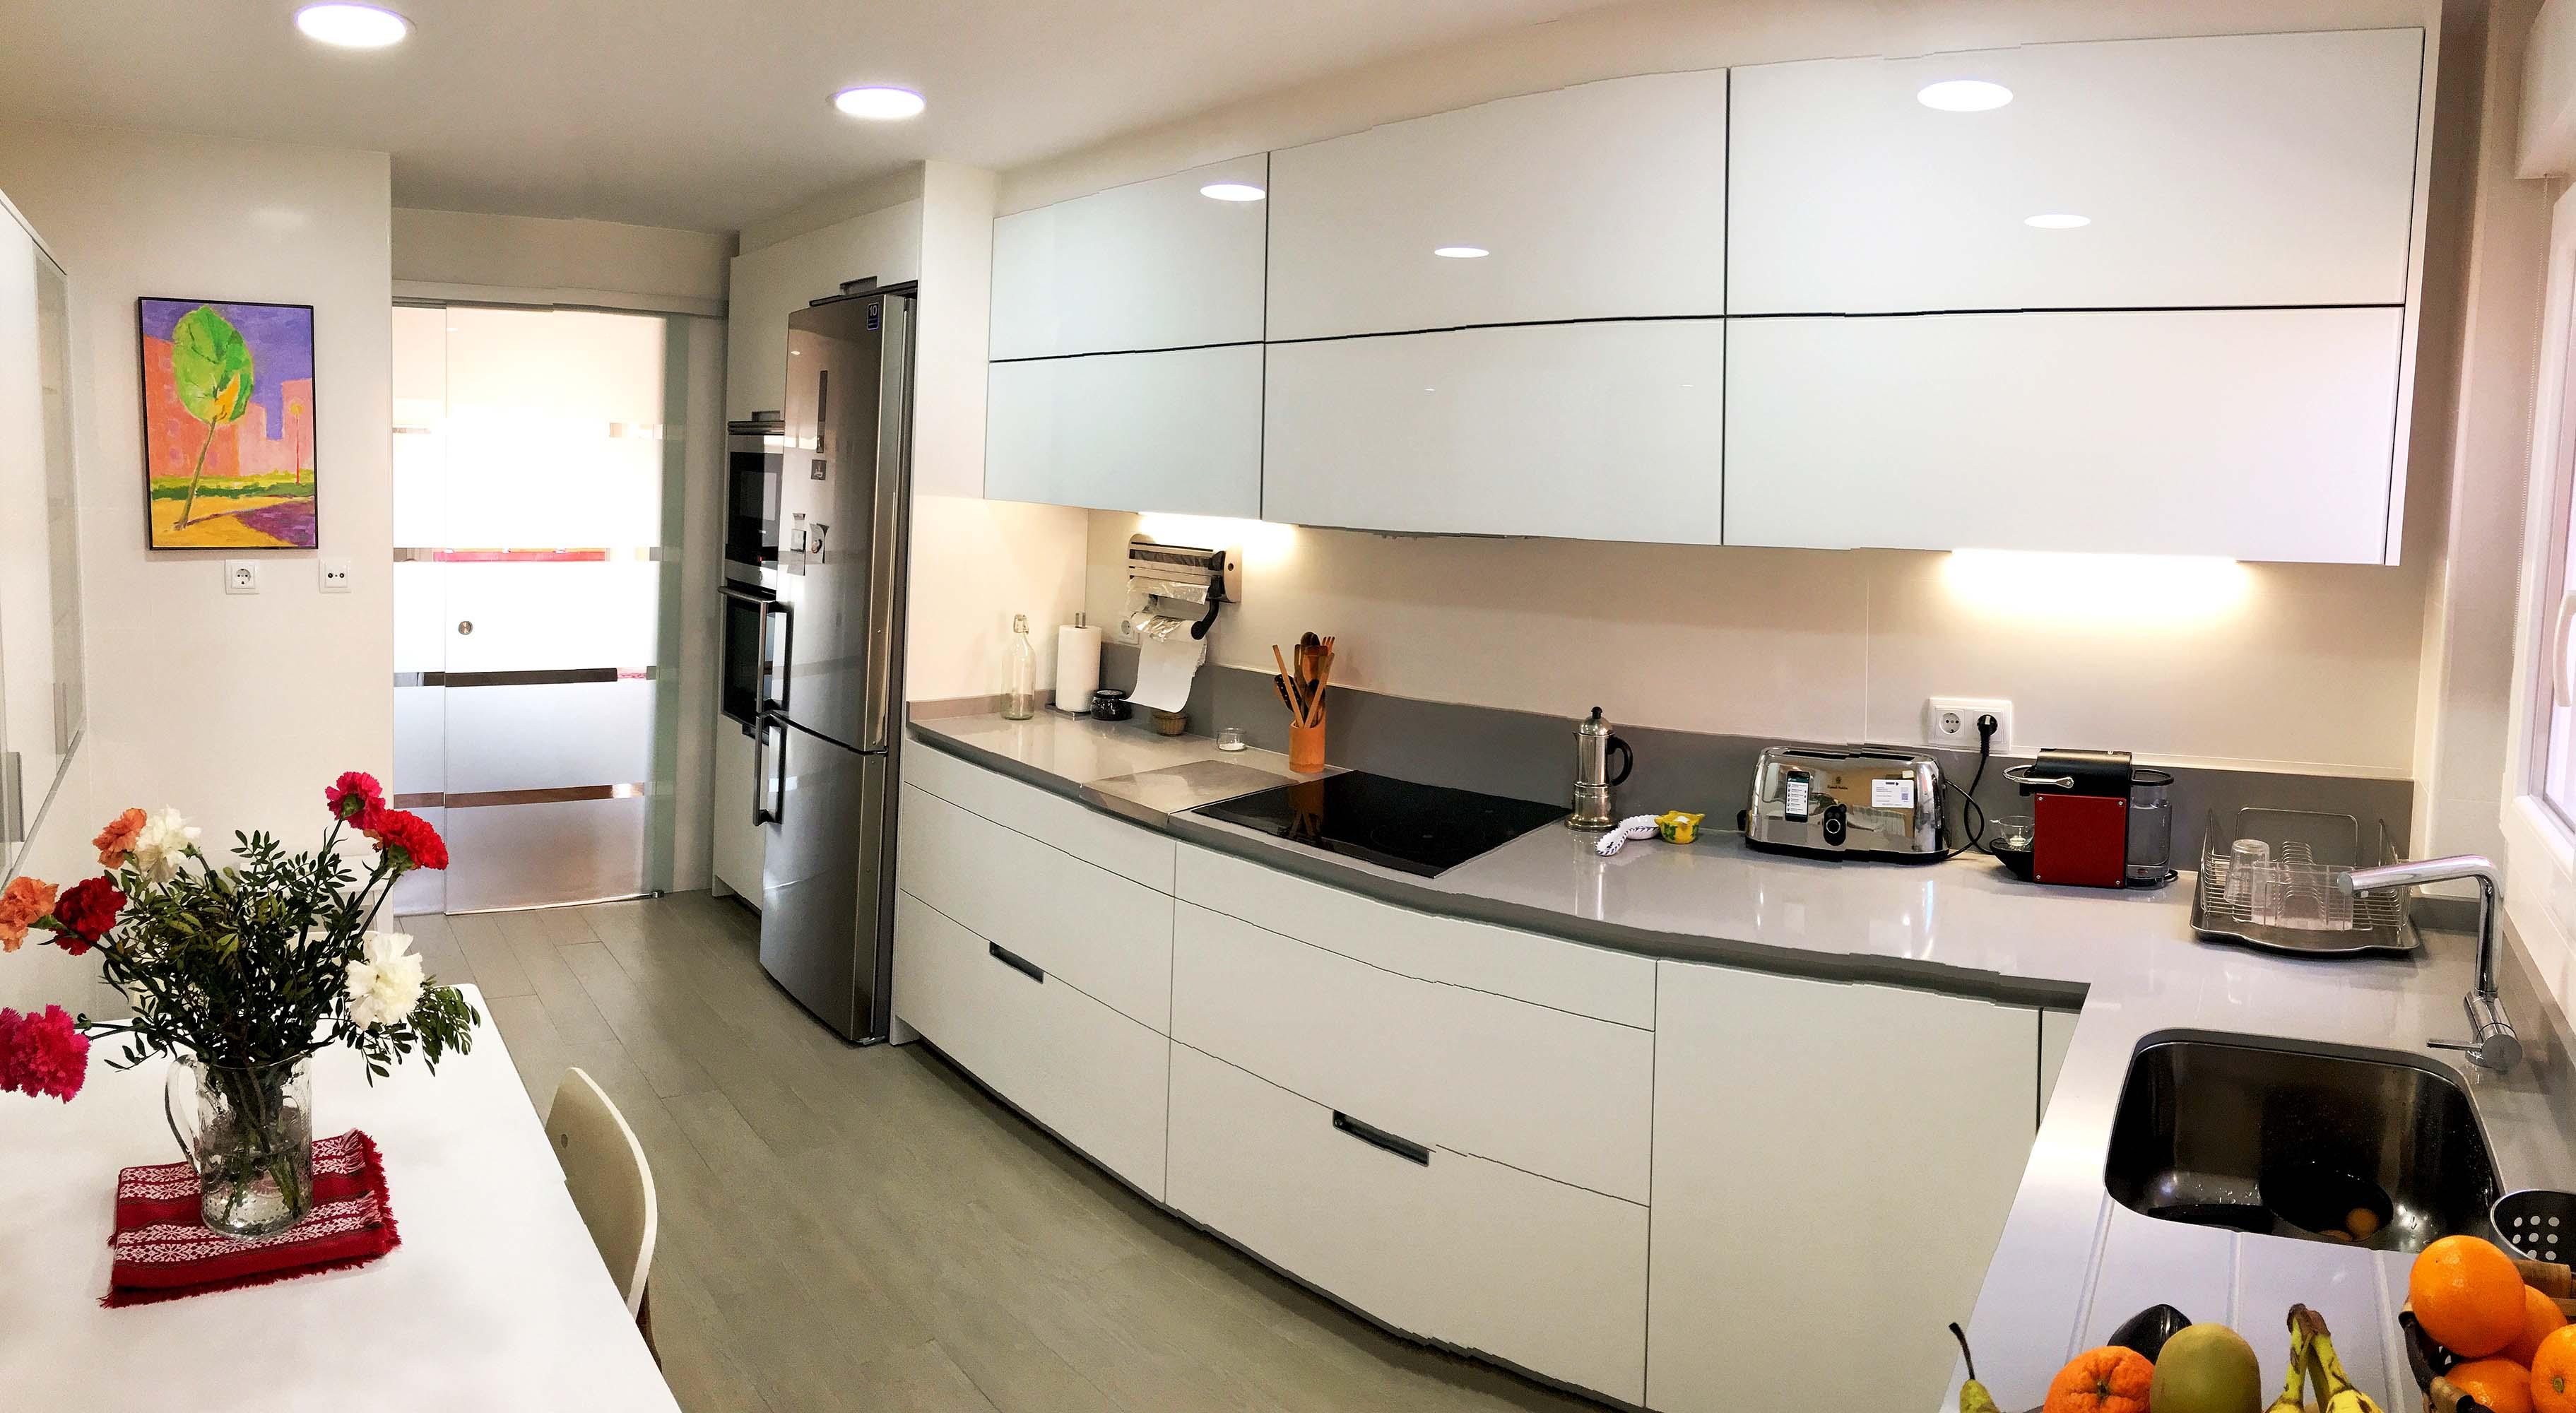 Cocina en Alcobendas  Santos muebles de cocina